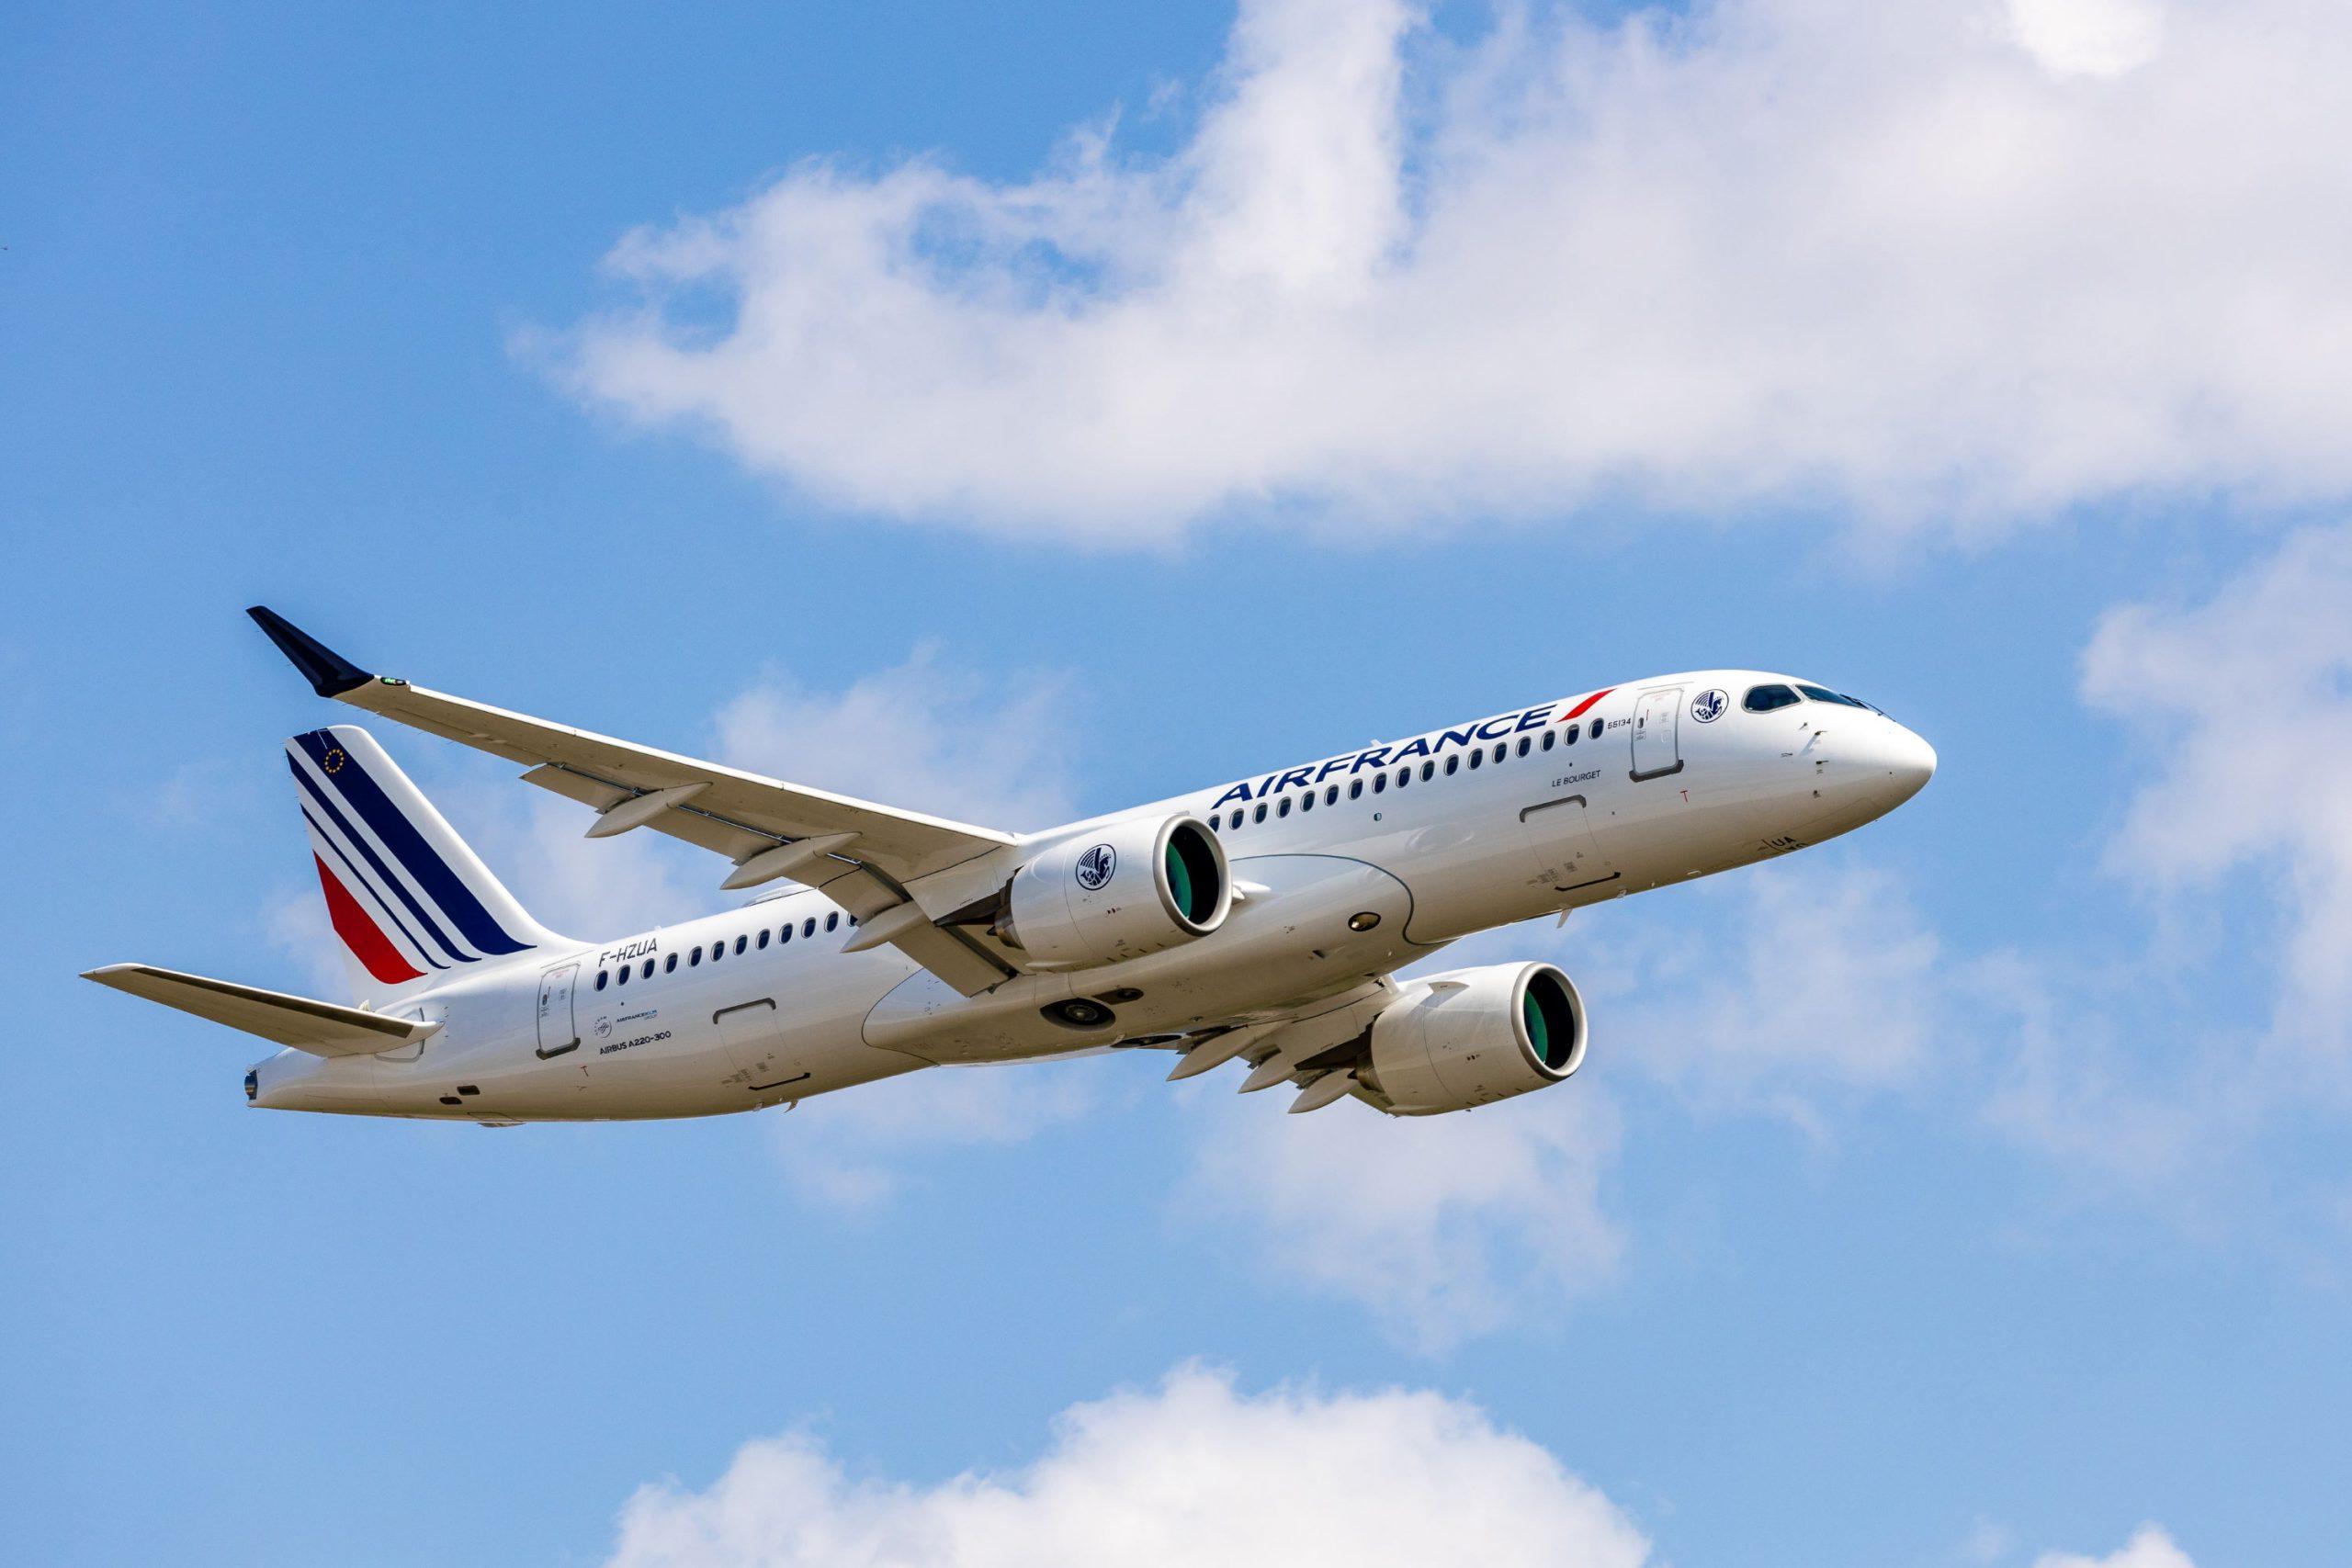 Air France prezentuje swój najnowszy samolot